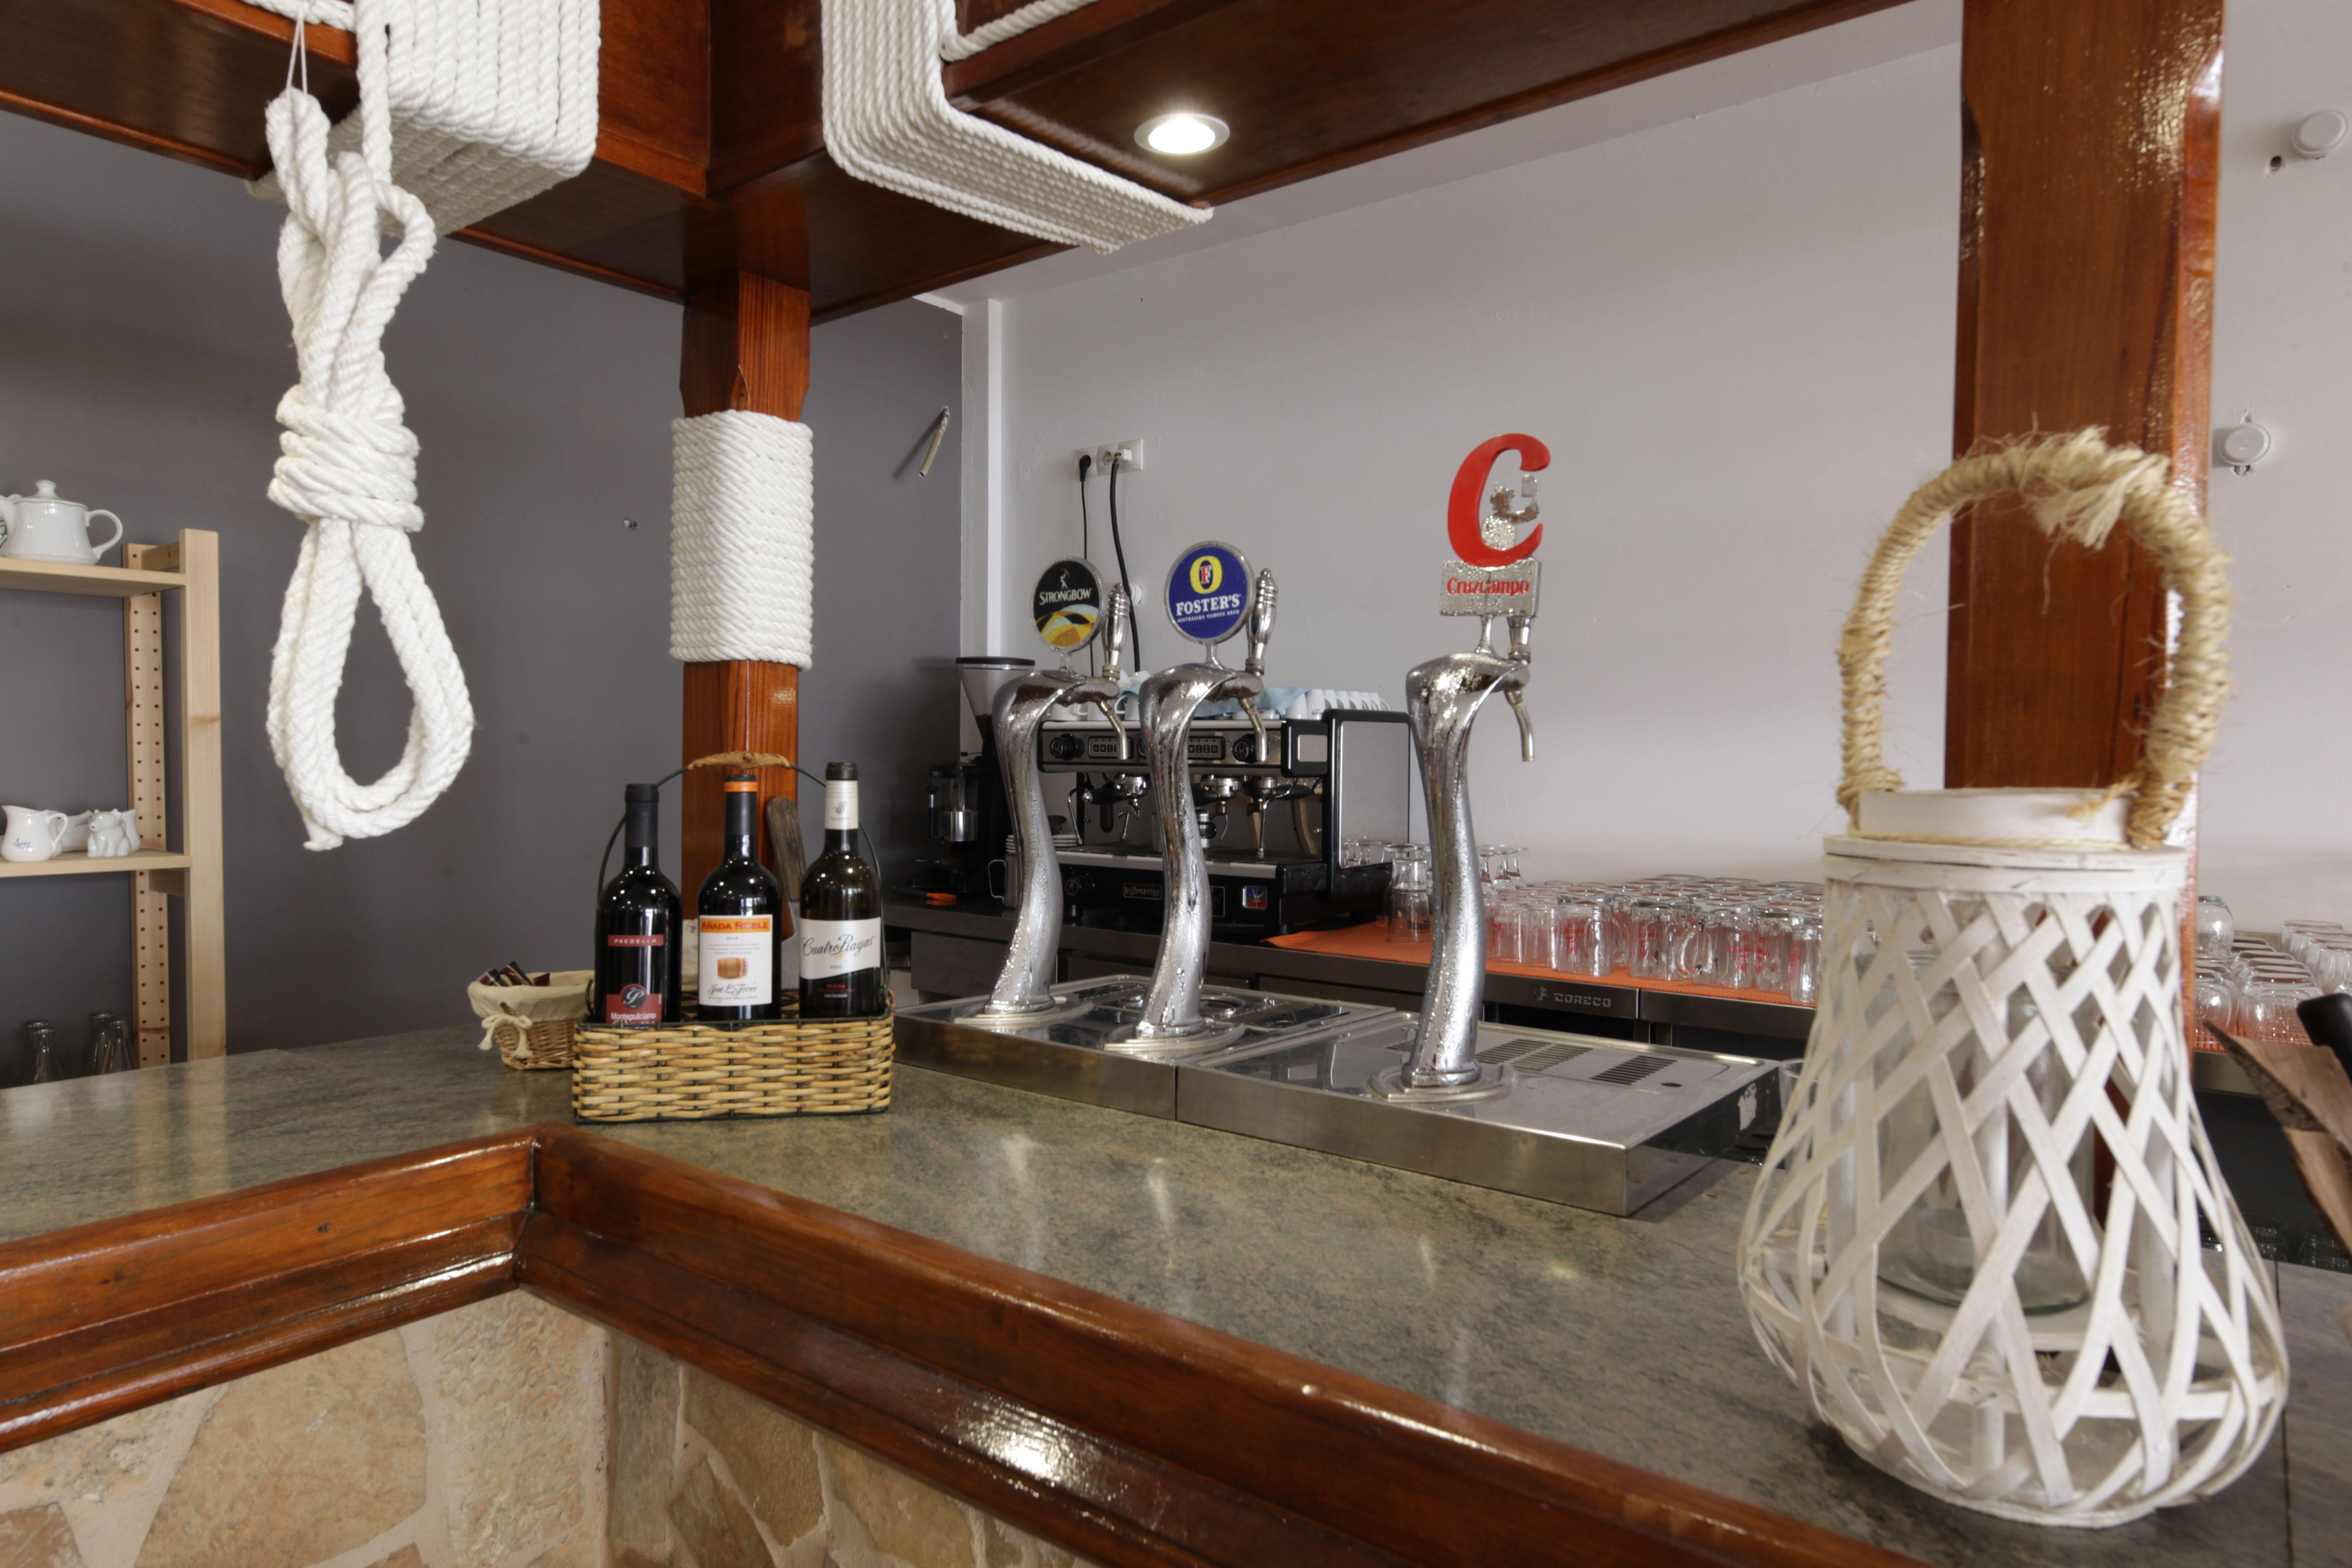 Beer faucets Ristorante La Nassa